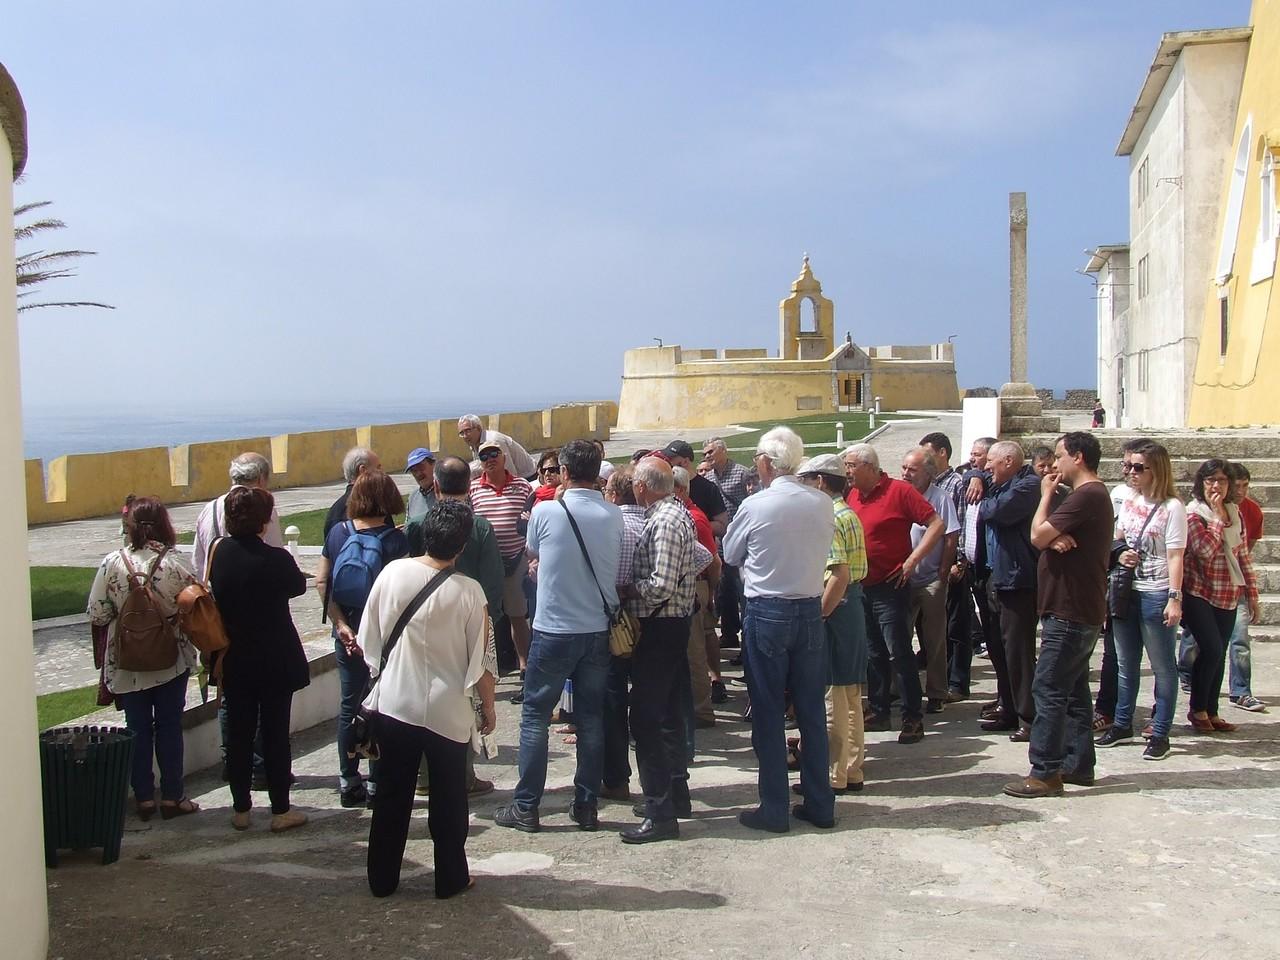 Visita Forte Peniche 5-6-2016 11